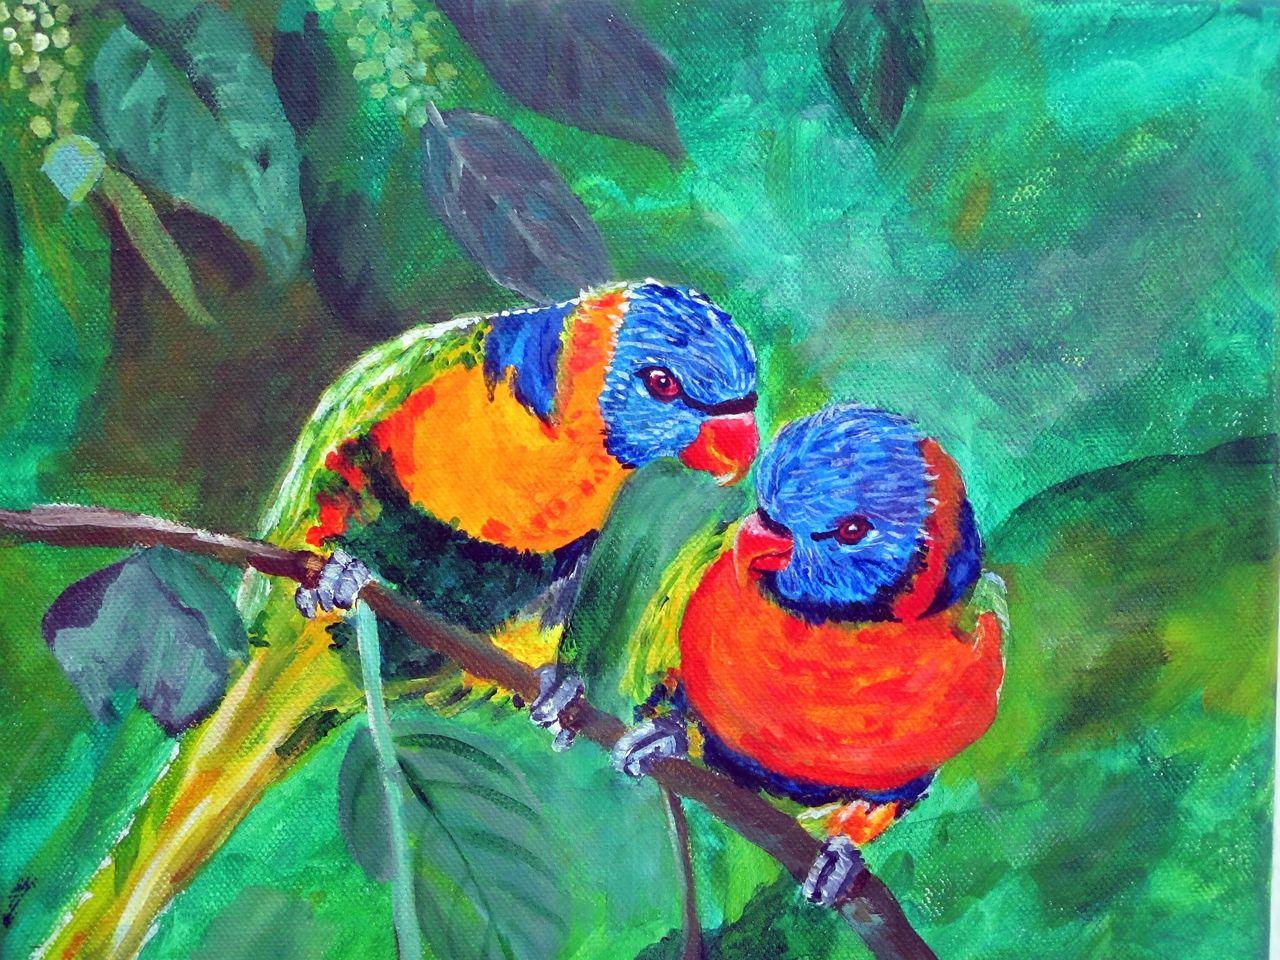 Tierliebe Ausprobieren Meer Acrylmalerei Tiere Von Cuauhtemoc